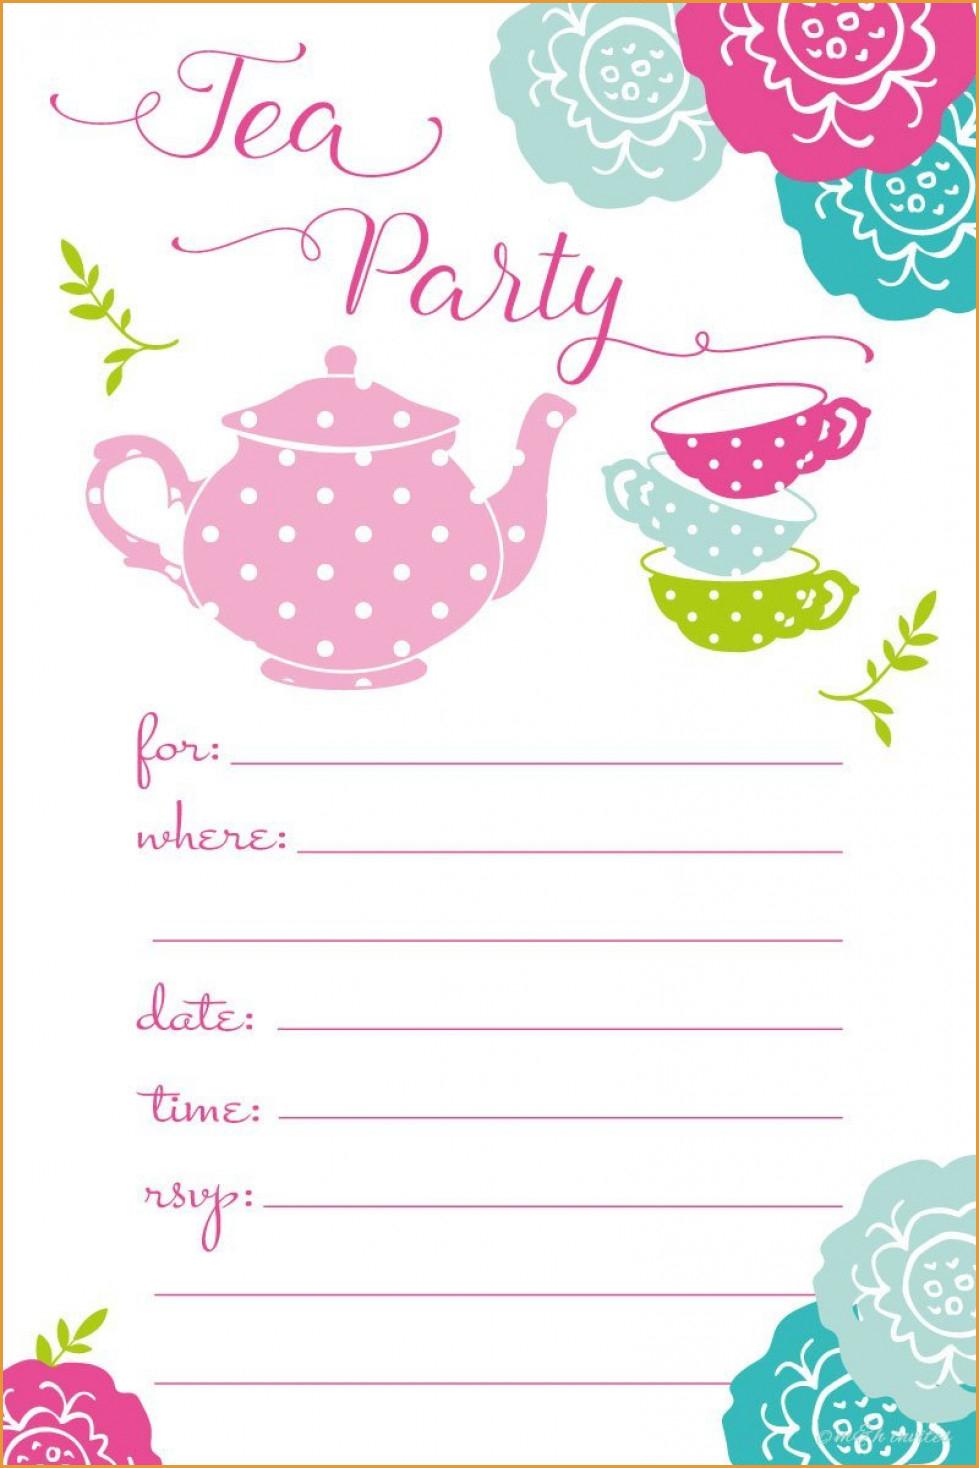 Party Invitations: Tea Party Invitations Tea Party Birthday - Free Printable Polka Dot Birthday Party Invitations